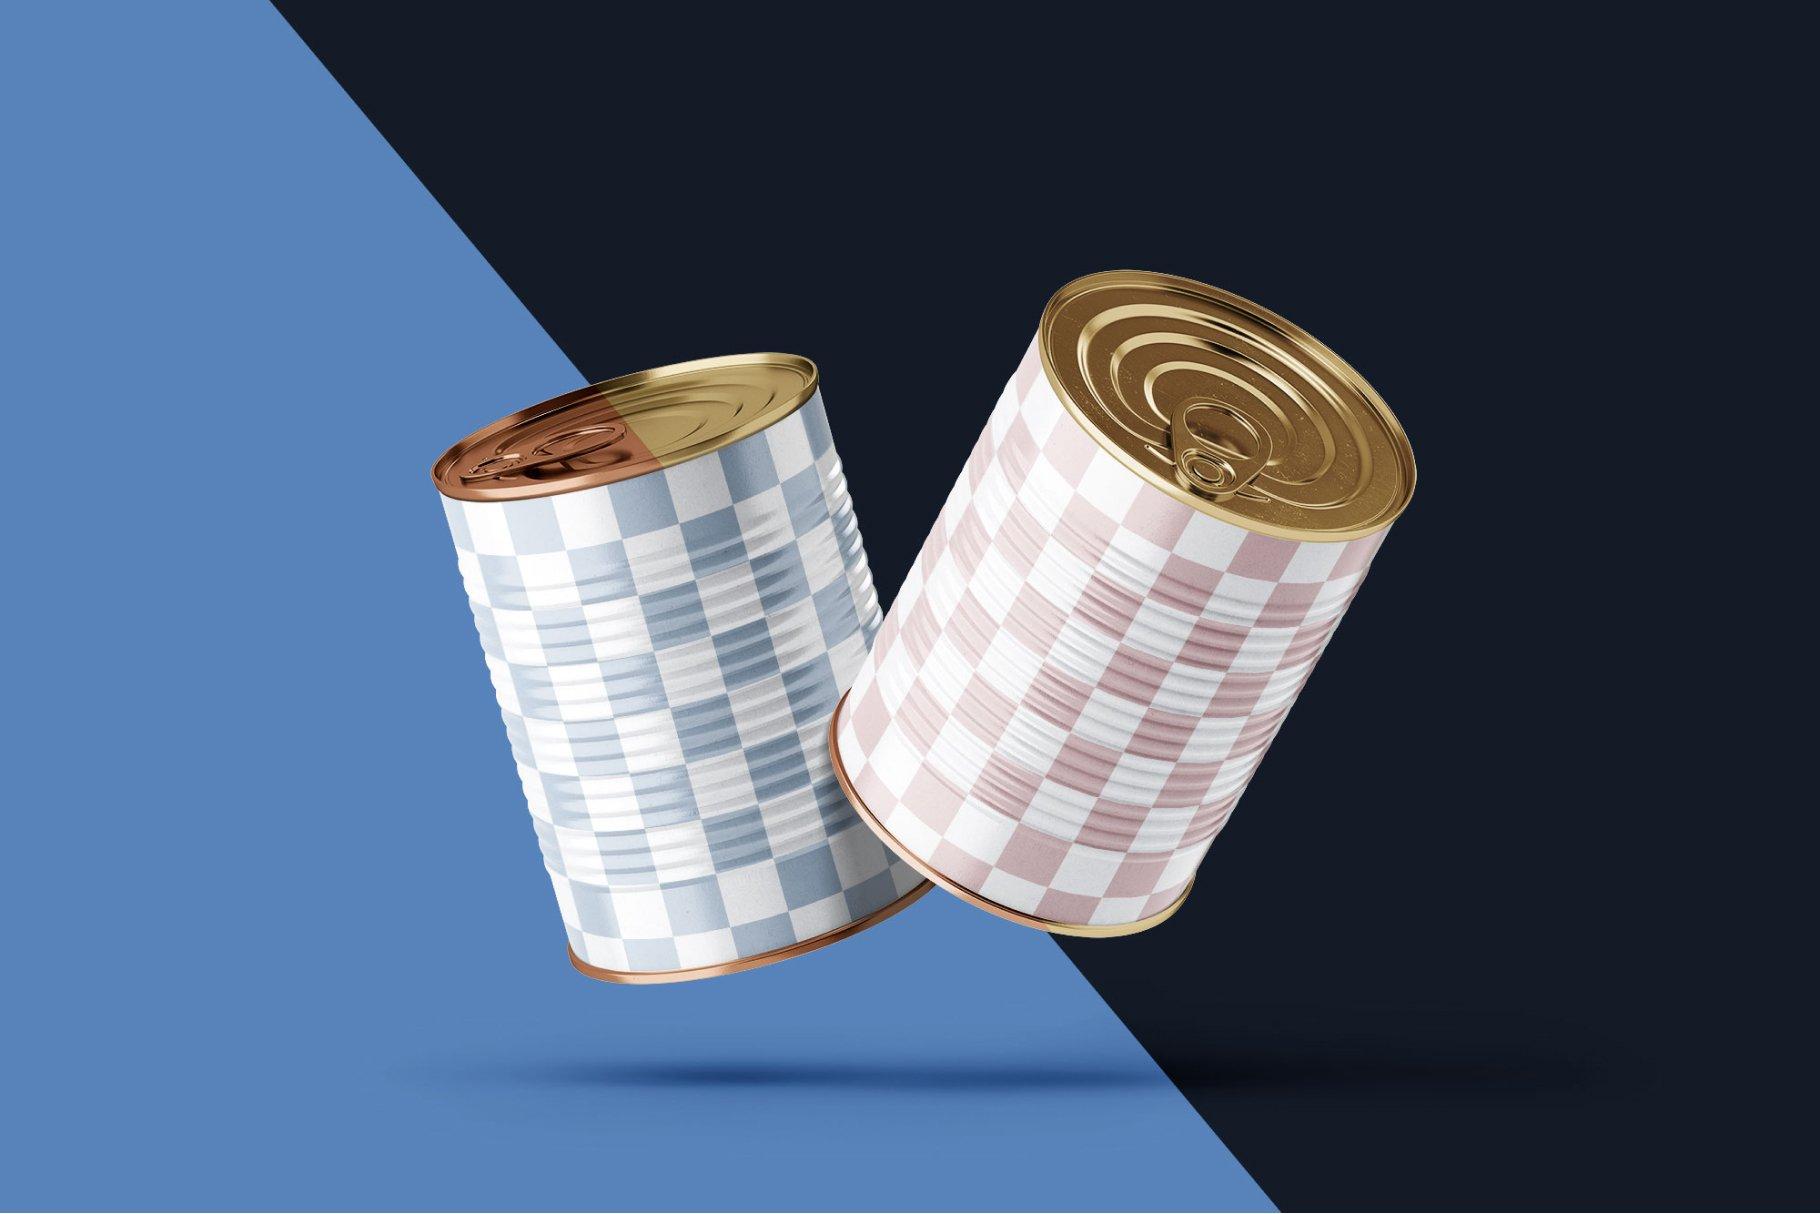 9款食品罐头金属锡罐包装样机模板素材合集 Tin Can Mockup Set | Conserve插图2